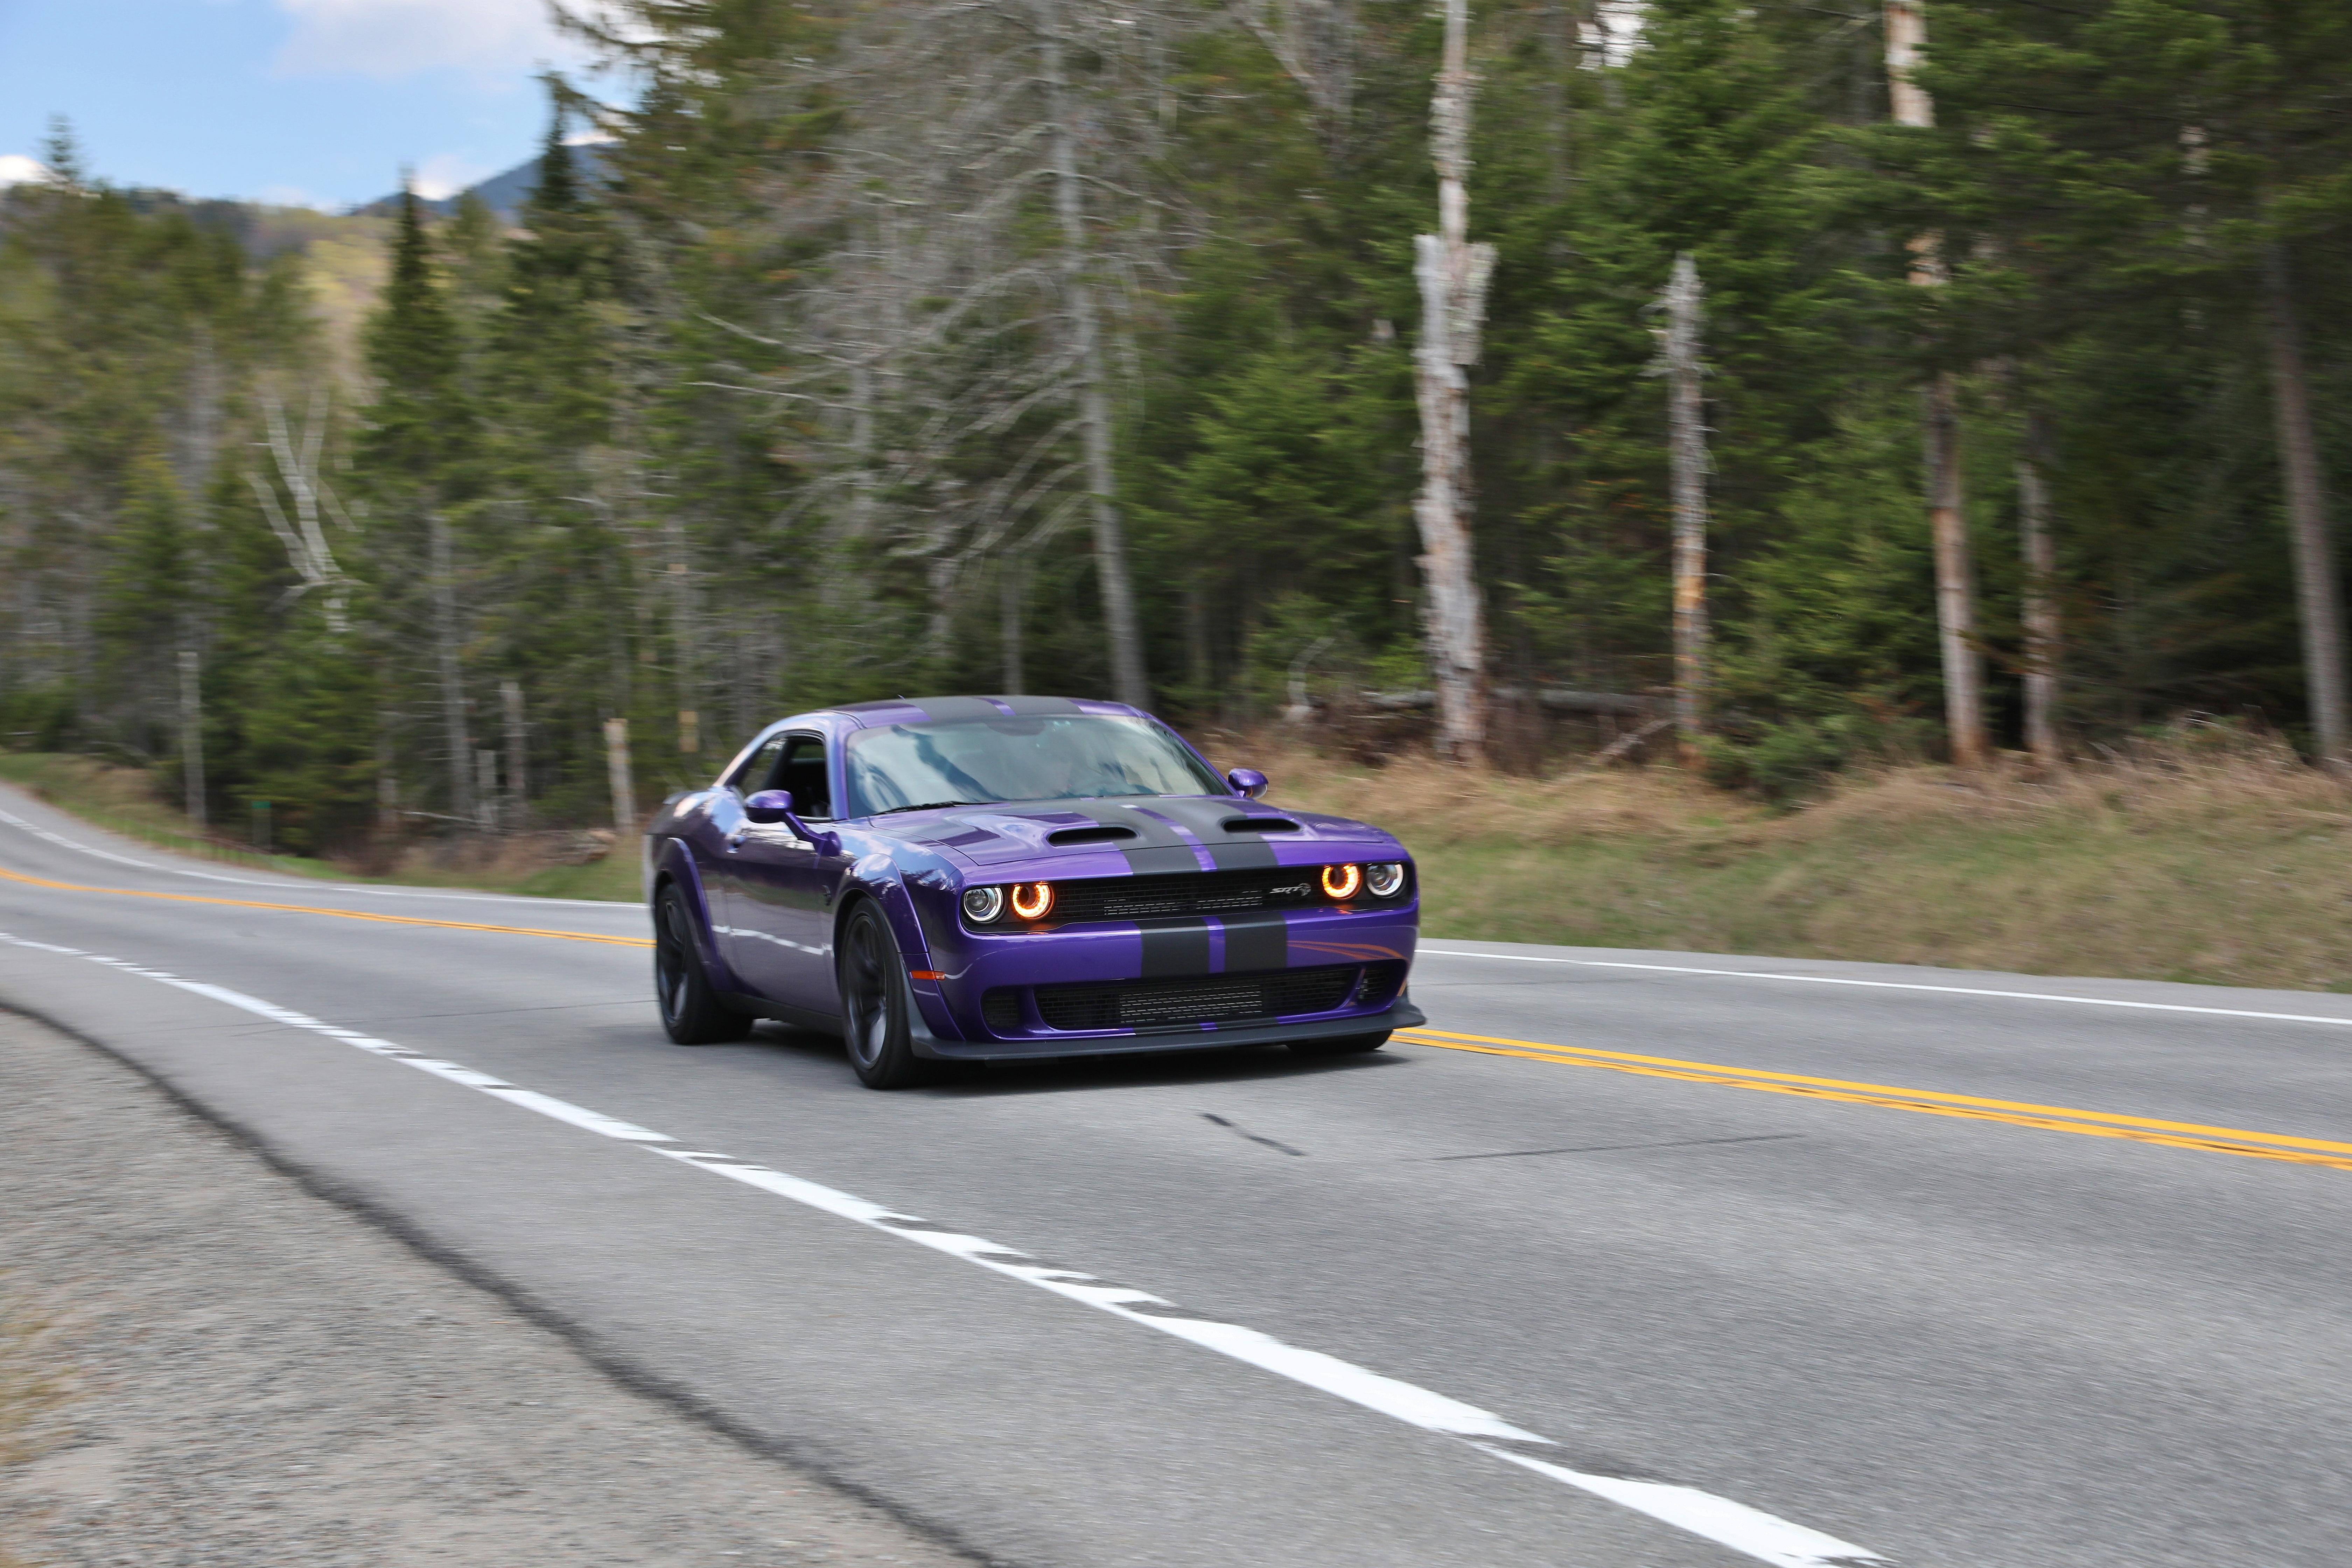 In The Wild 2019 Dodge Challenger Hellcat Redeye Limited Slip Blog